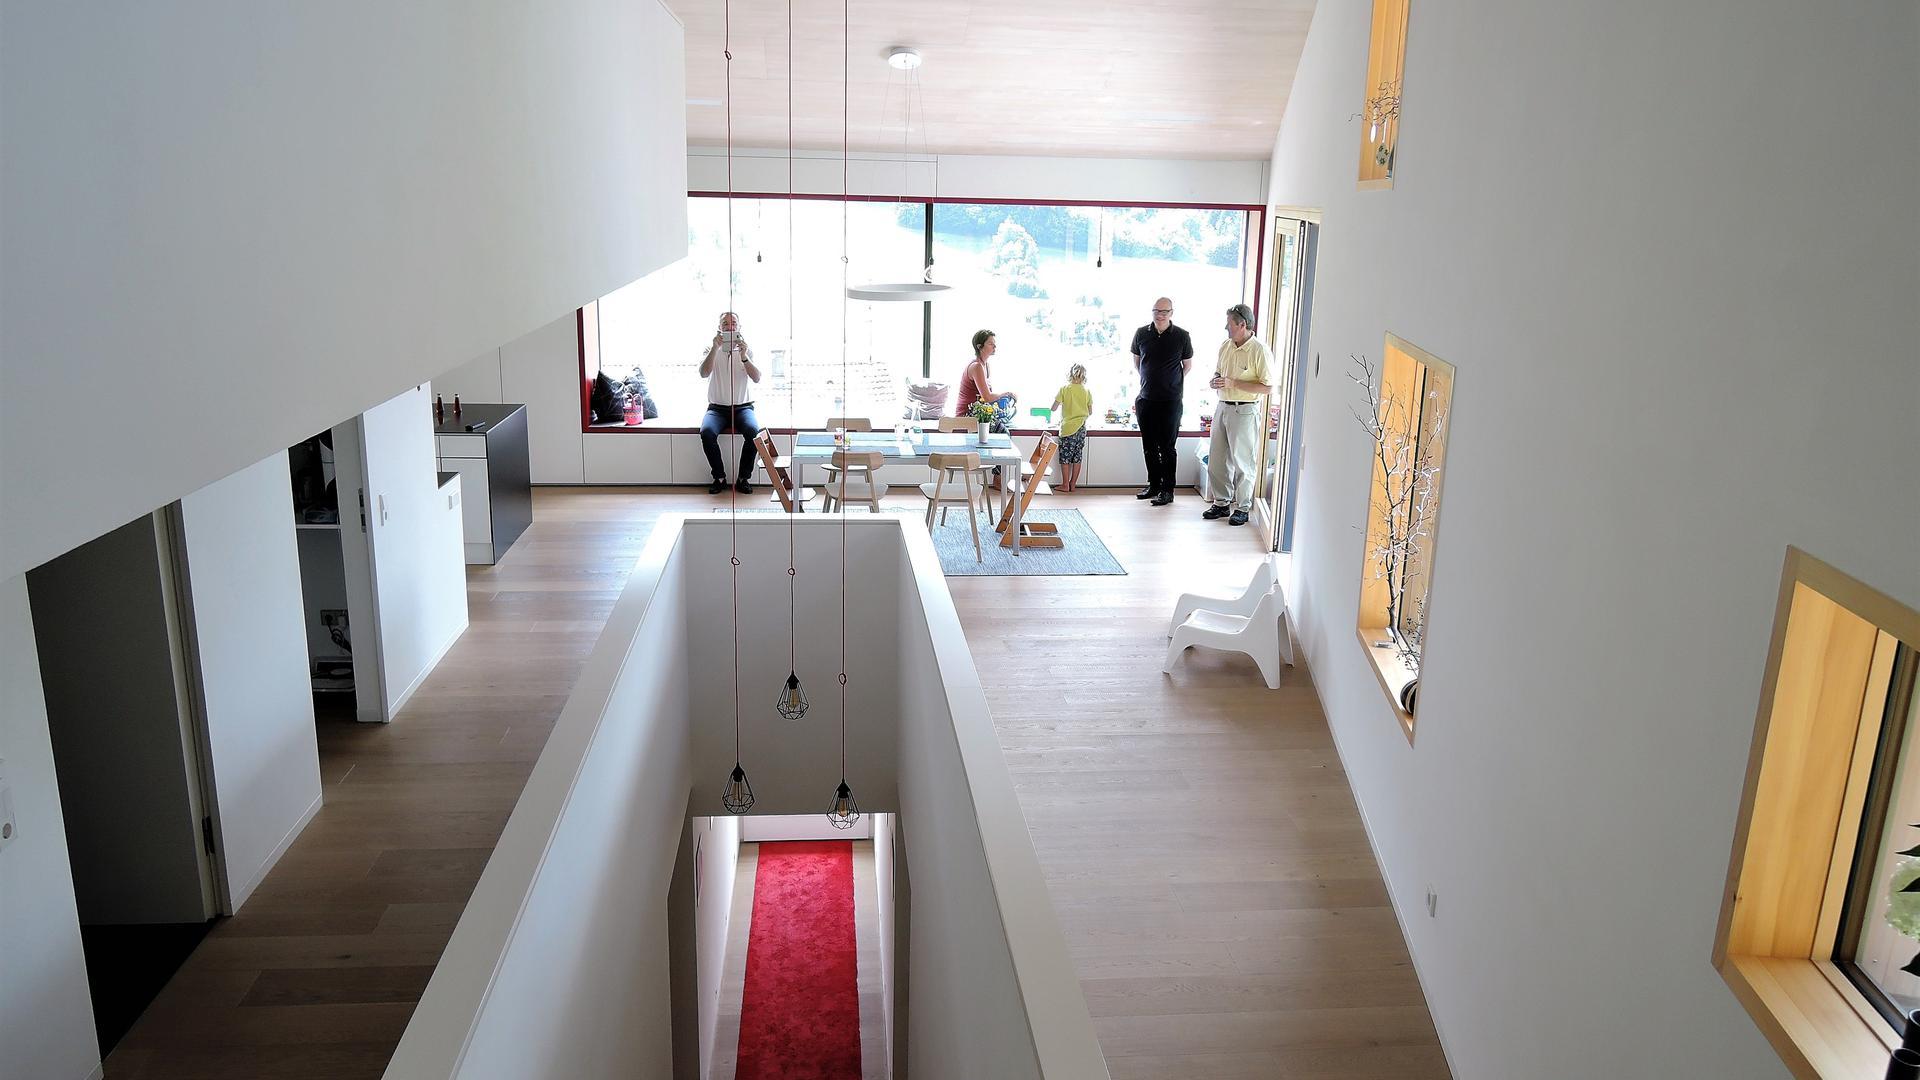 Wolkenkuckuckshaus von ÜberRaum Architects in Seebach: Das Einfamilienhaus erhielt 2017 die Hugo-Häring-Auszeichnung des Bundes Deutscher Architekten (BDA).